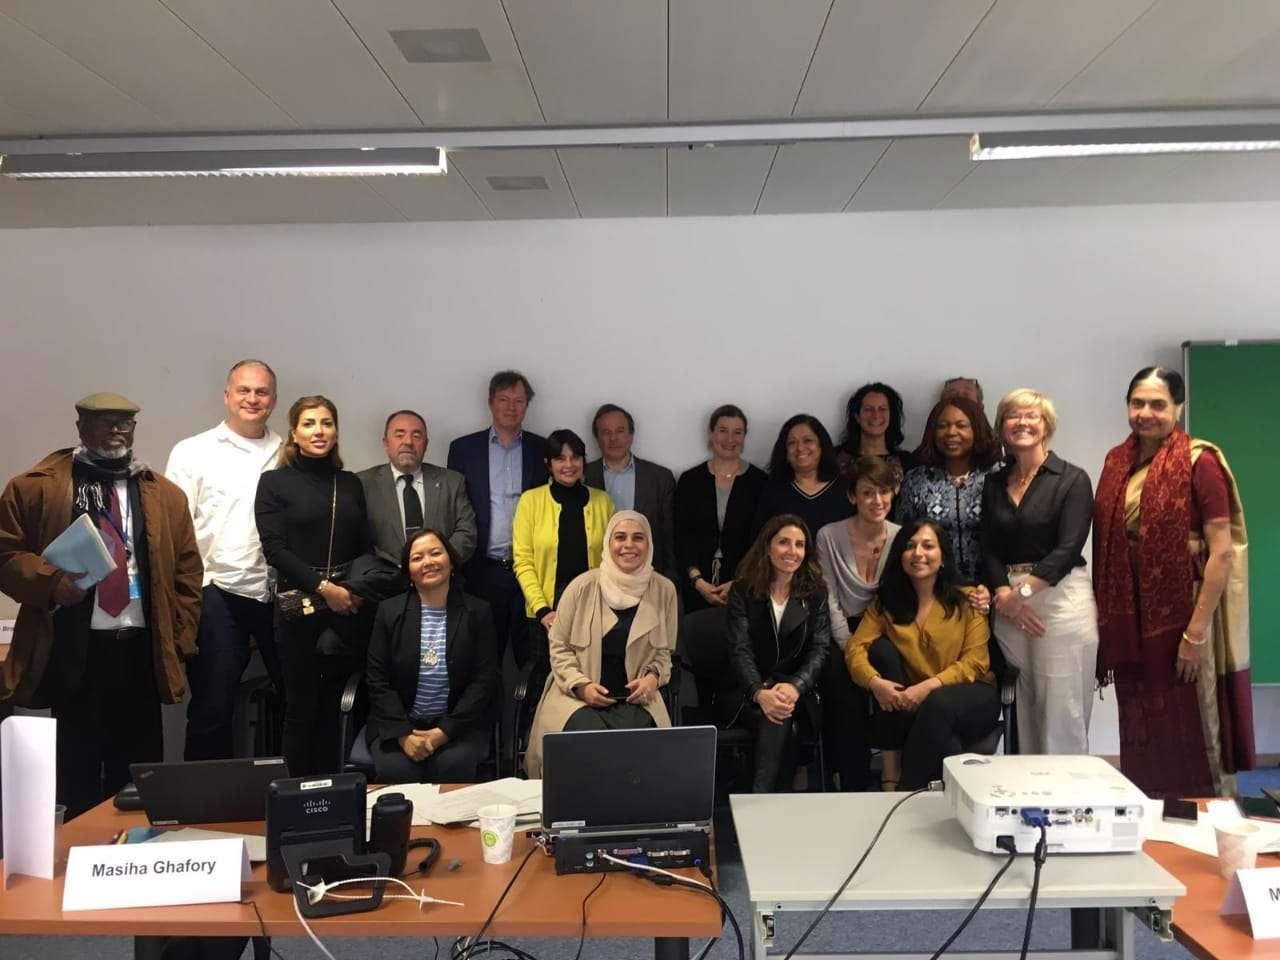 Euro-Med participe à la réunion d'experts internationaux du HCDH sur les droits des femmes et l'harmonisation de la législation nationale avec les normes internationales